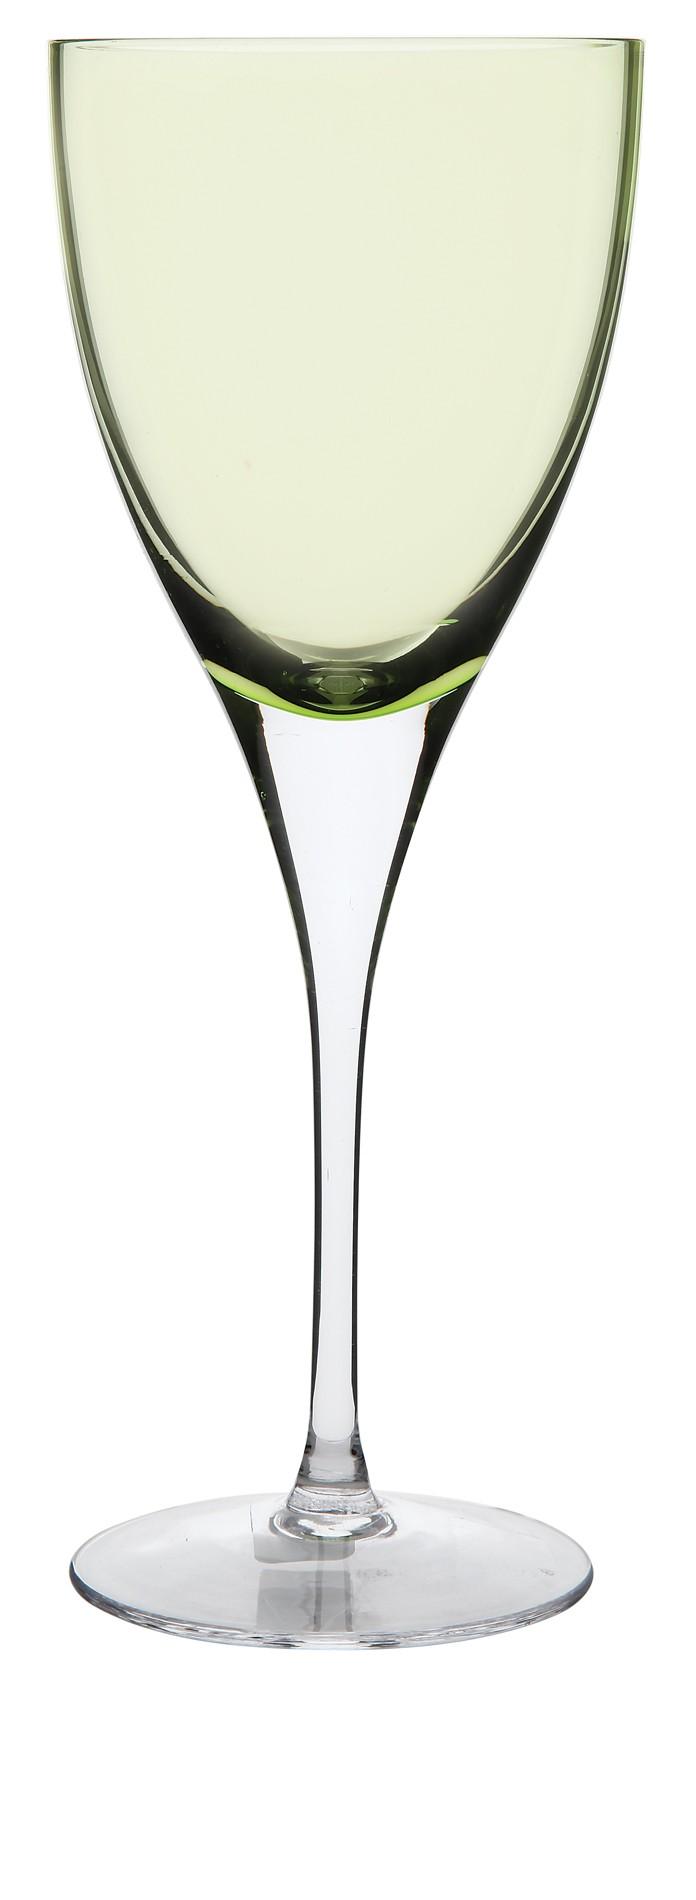 Ποτήρι Νερού Paradise Σετ 6Τμχ Πρασινο 250ml Ionia home   ειδη σερβιρισματος   ποτήρια